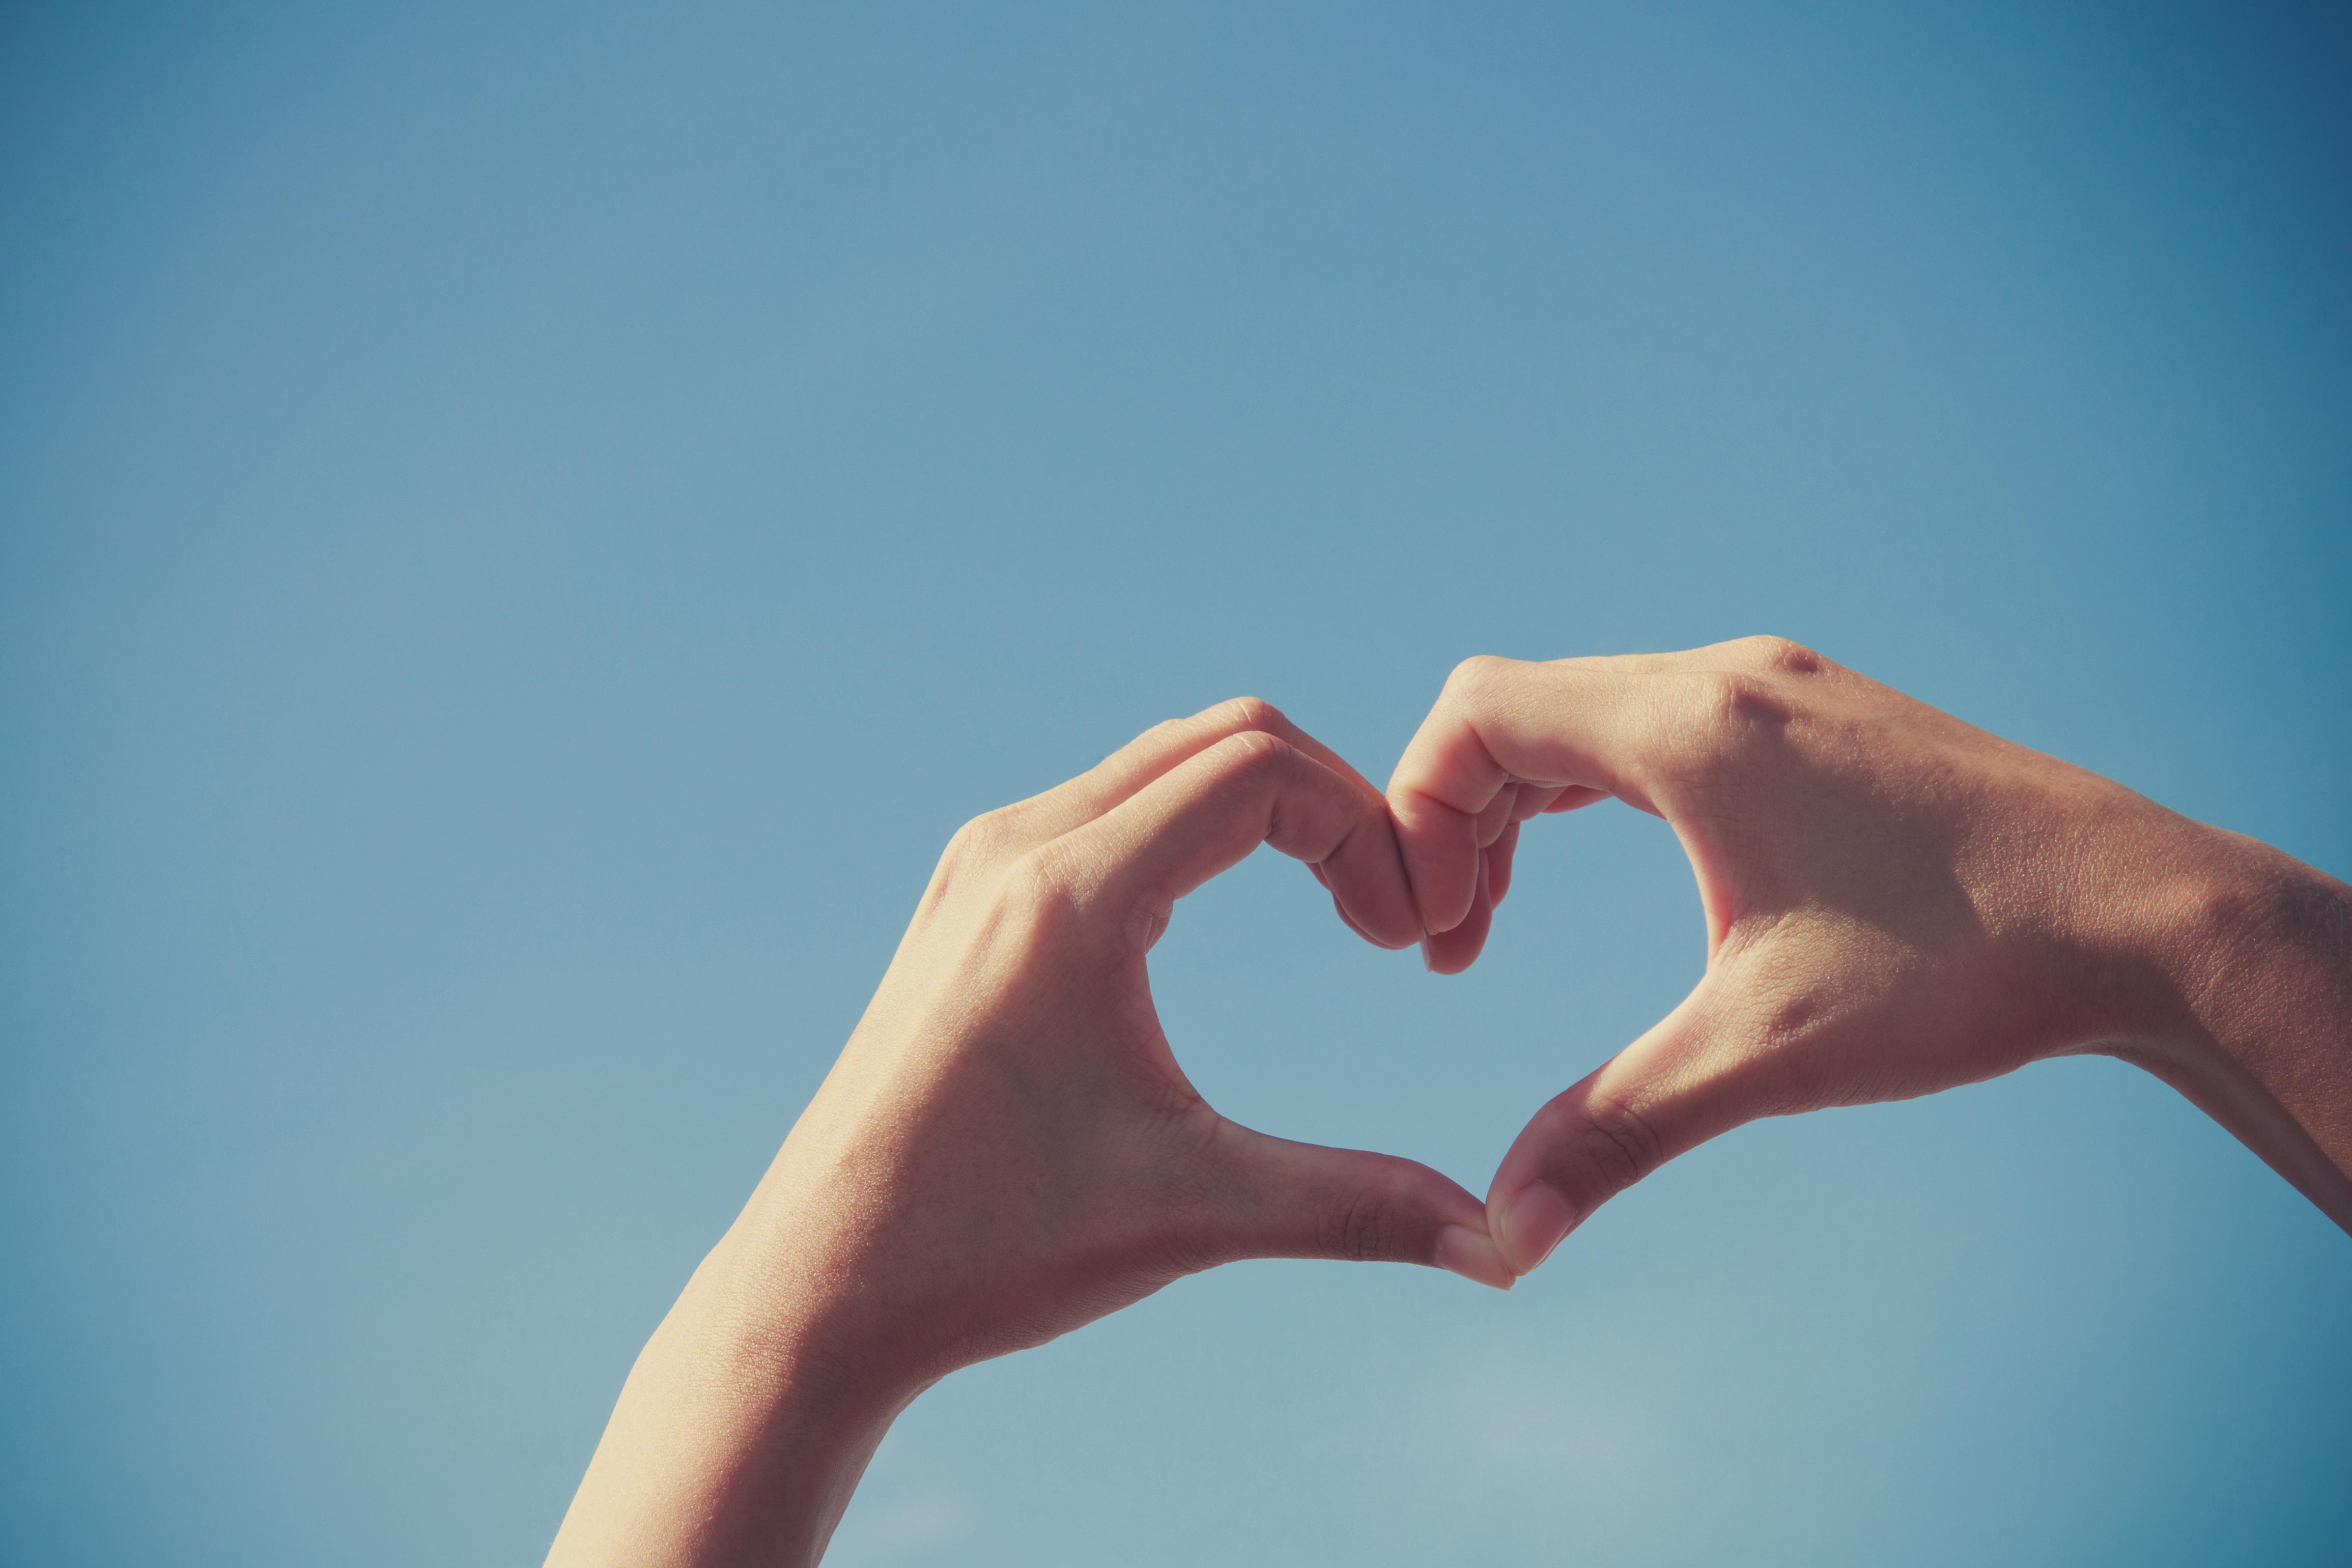 Картинки руки показывающая сердечко